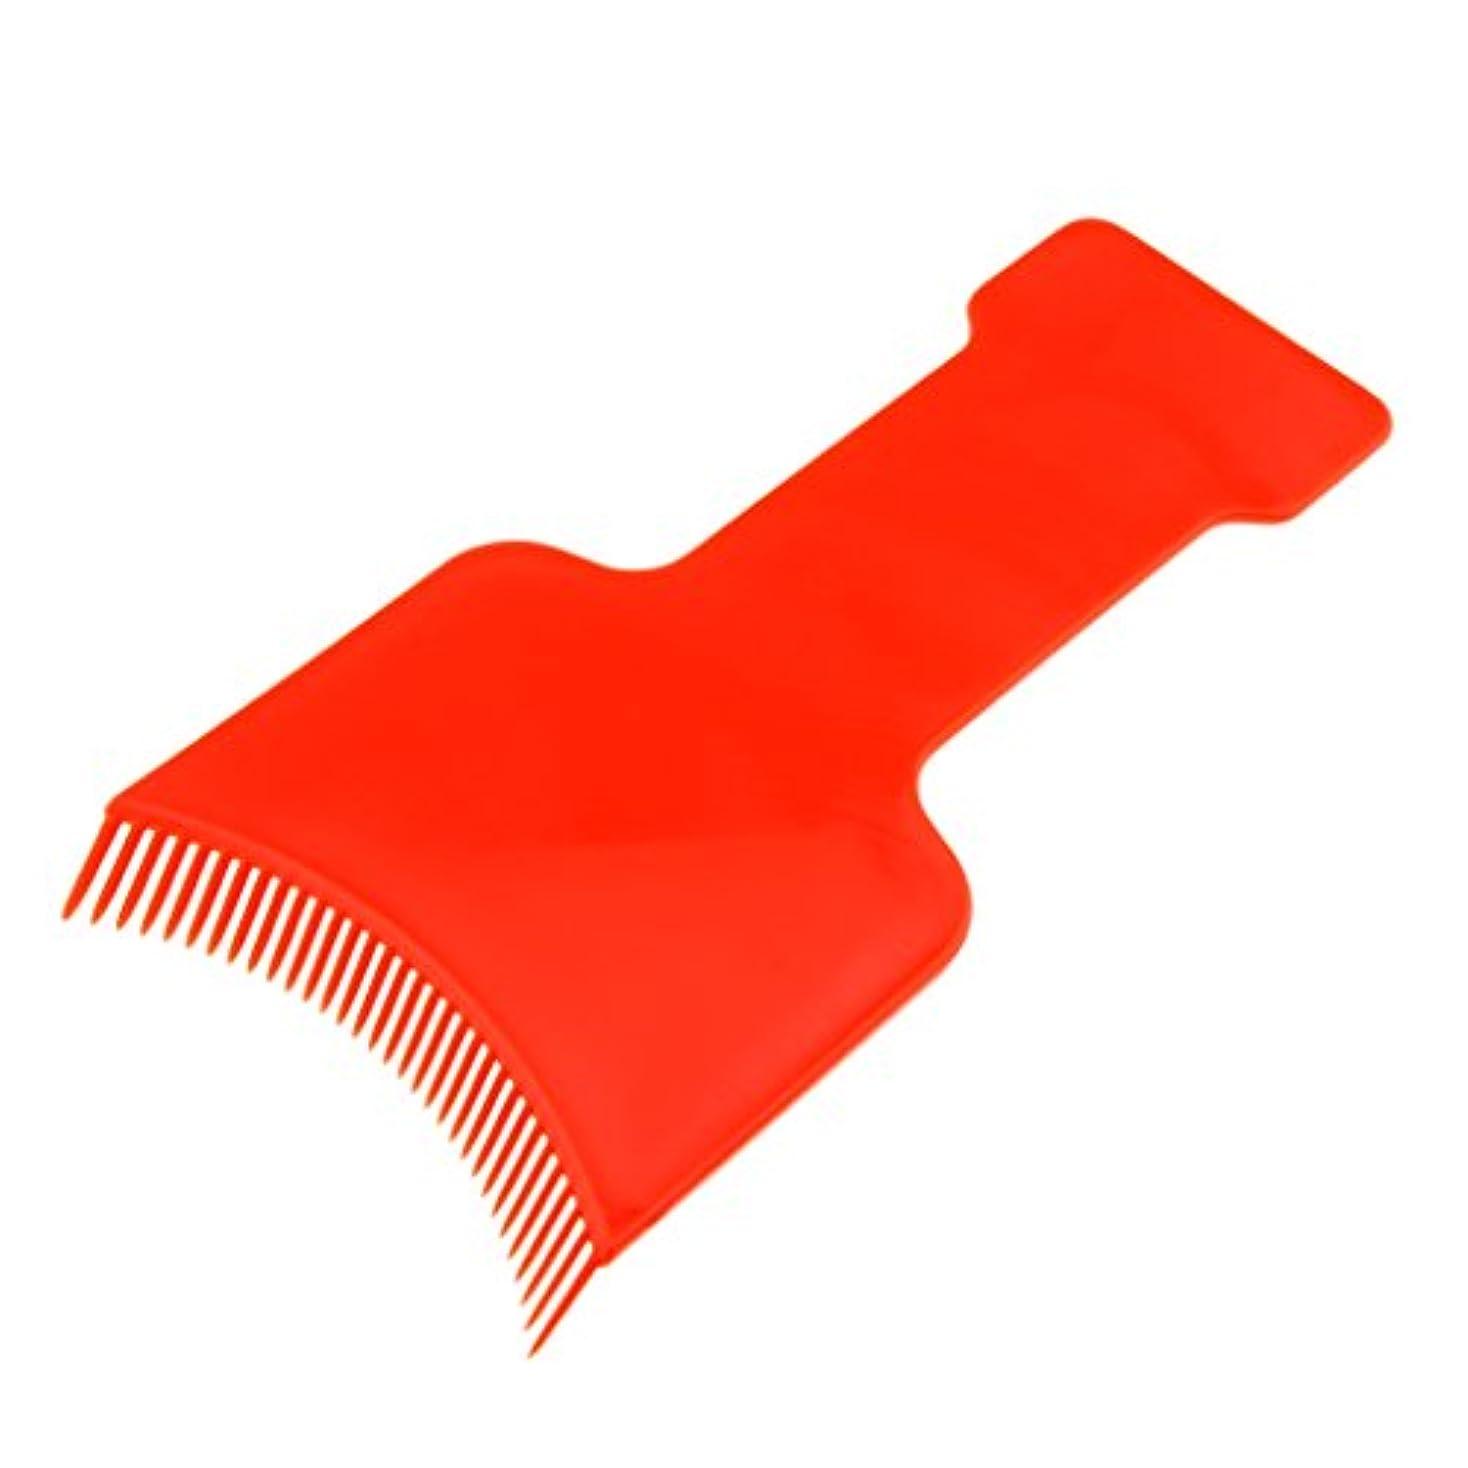 ニックネーム控えるわずらわしいヘアカラーボード ヘアダイコーム ヘアダイブラシ 染色櫛 プレート ヘアサロン 用品